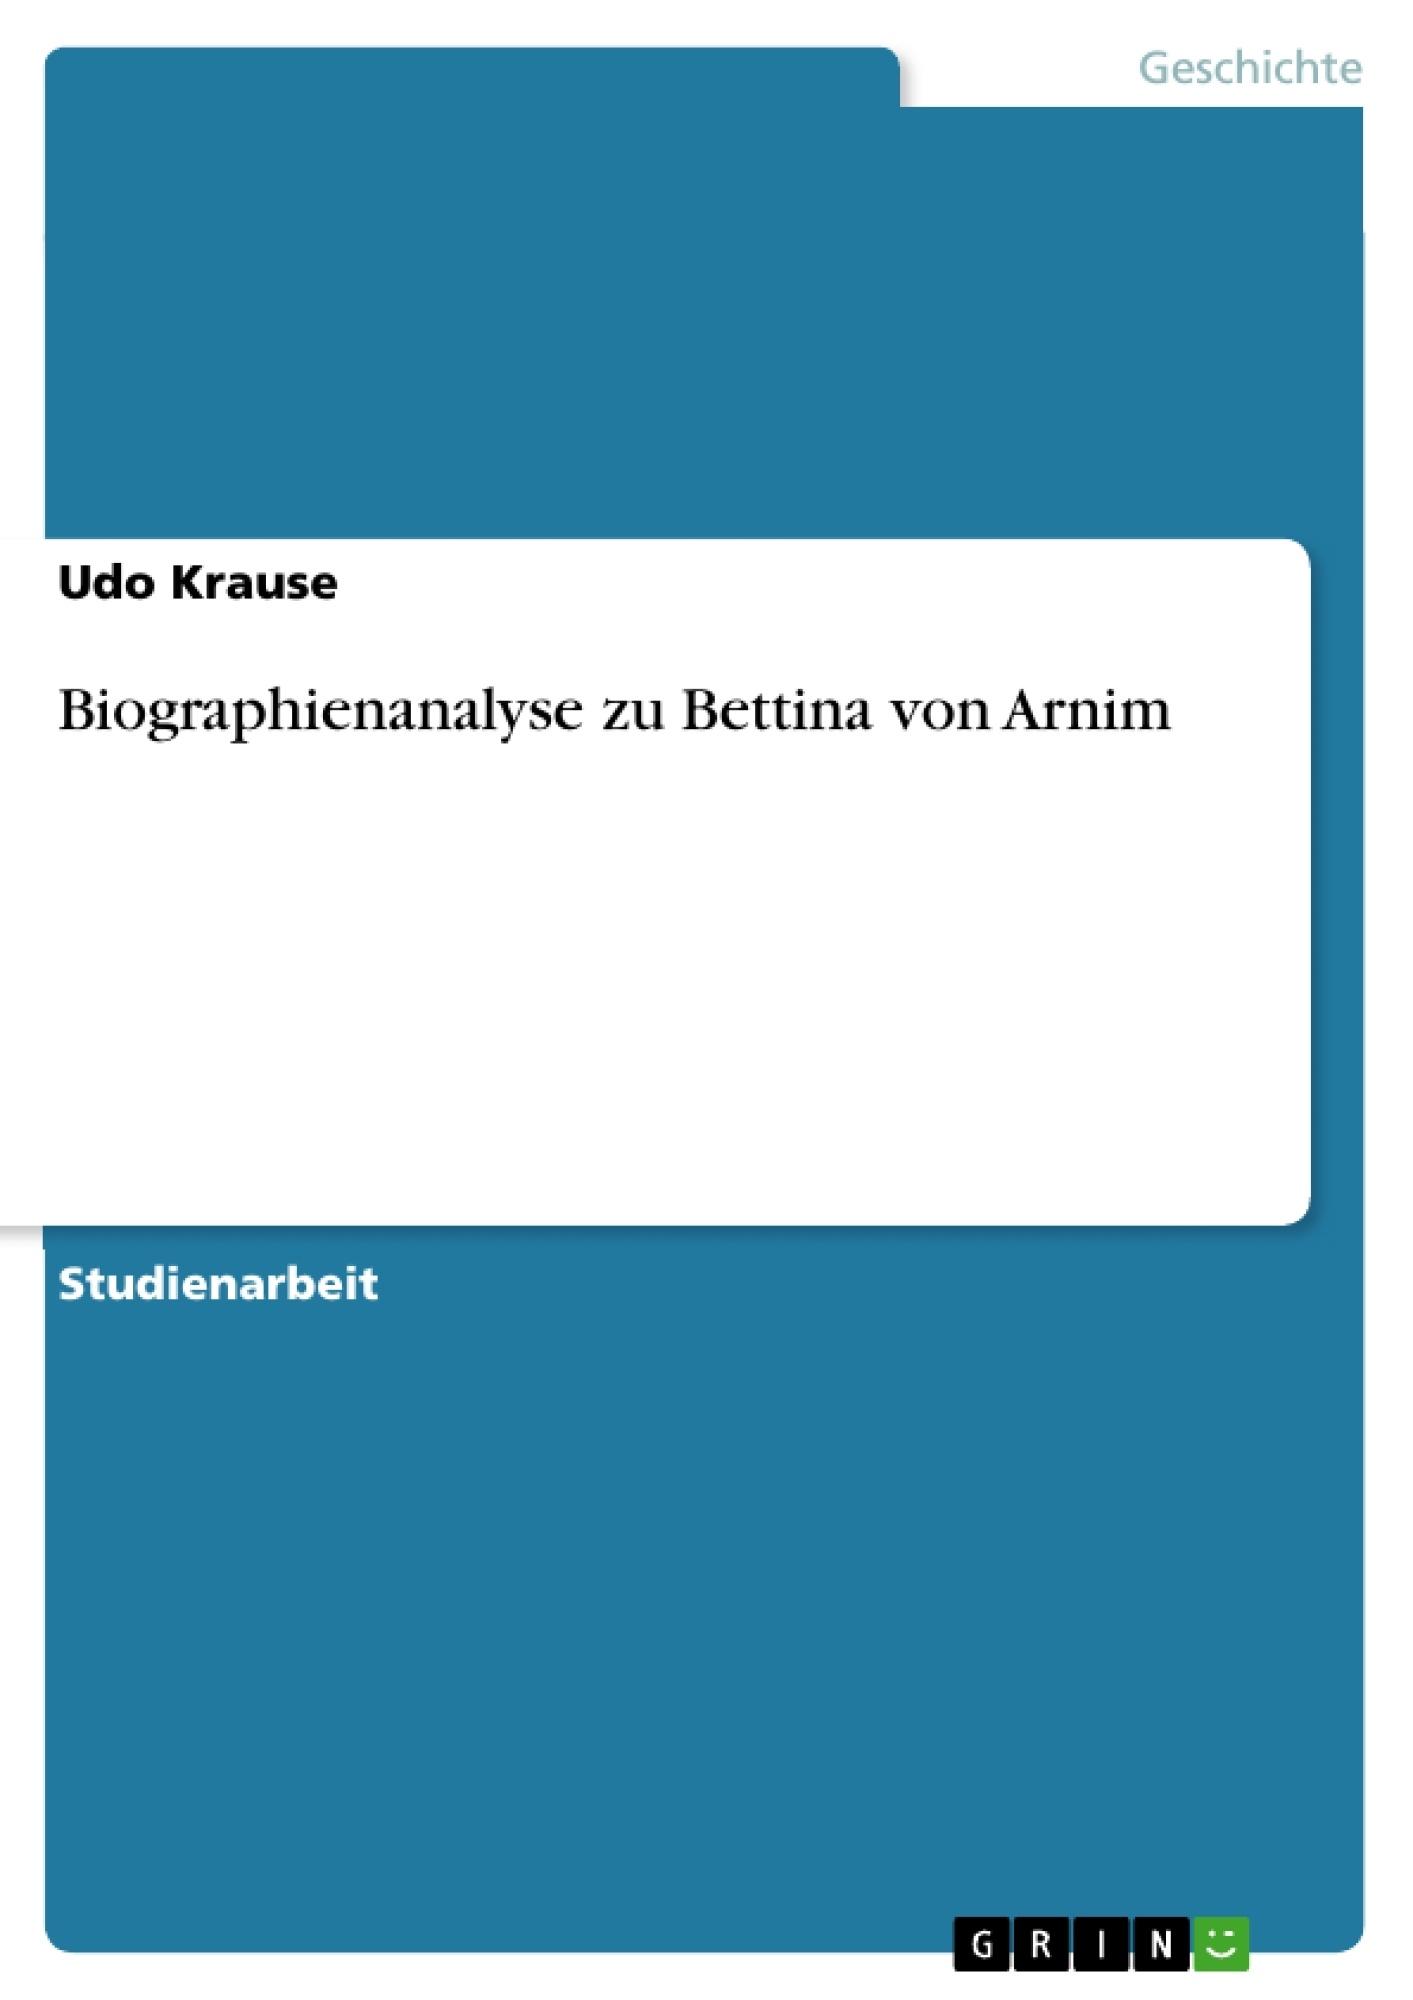 Titel: Biographienanalyse zu Bettina von Arnim